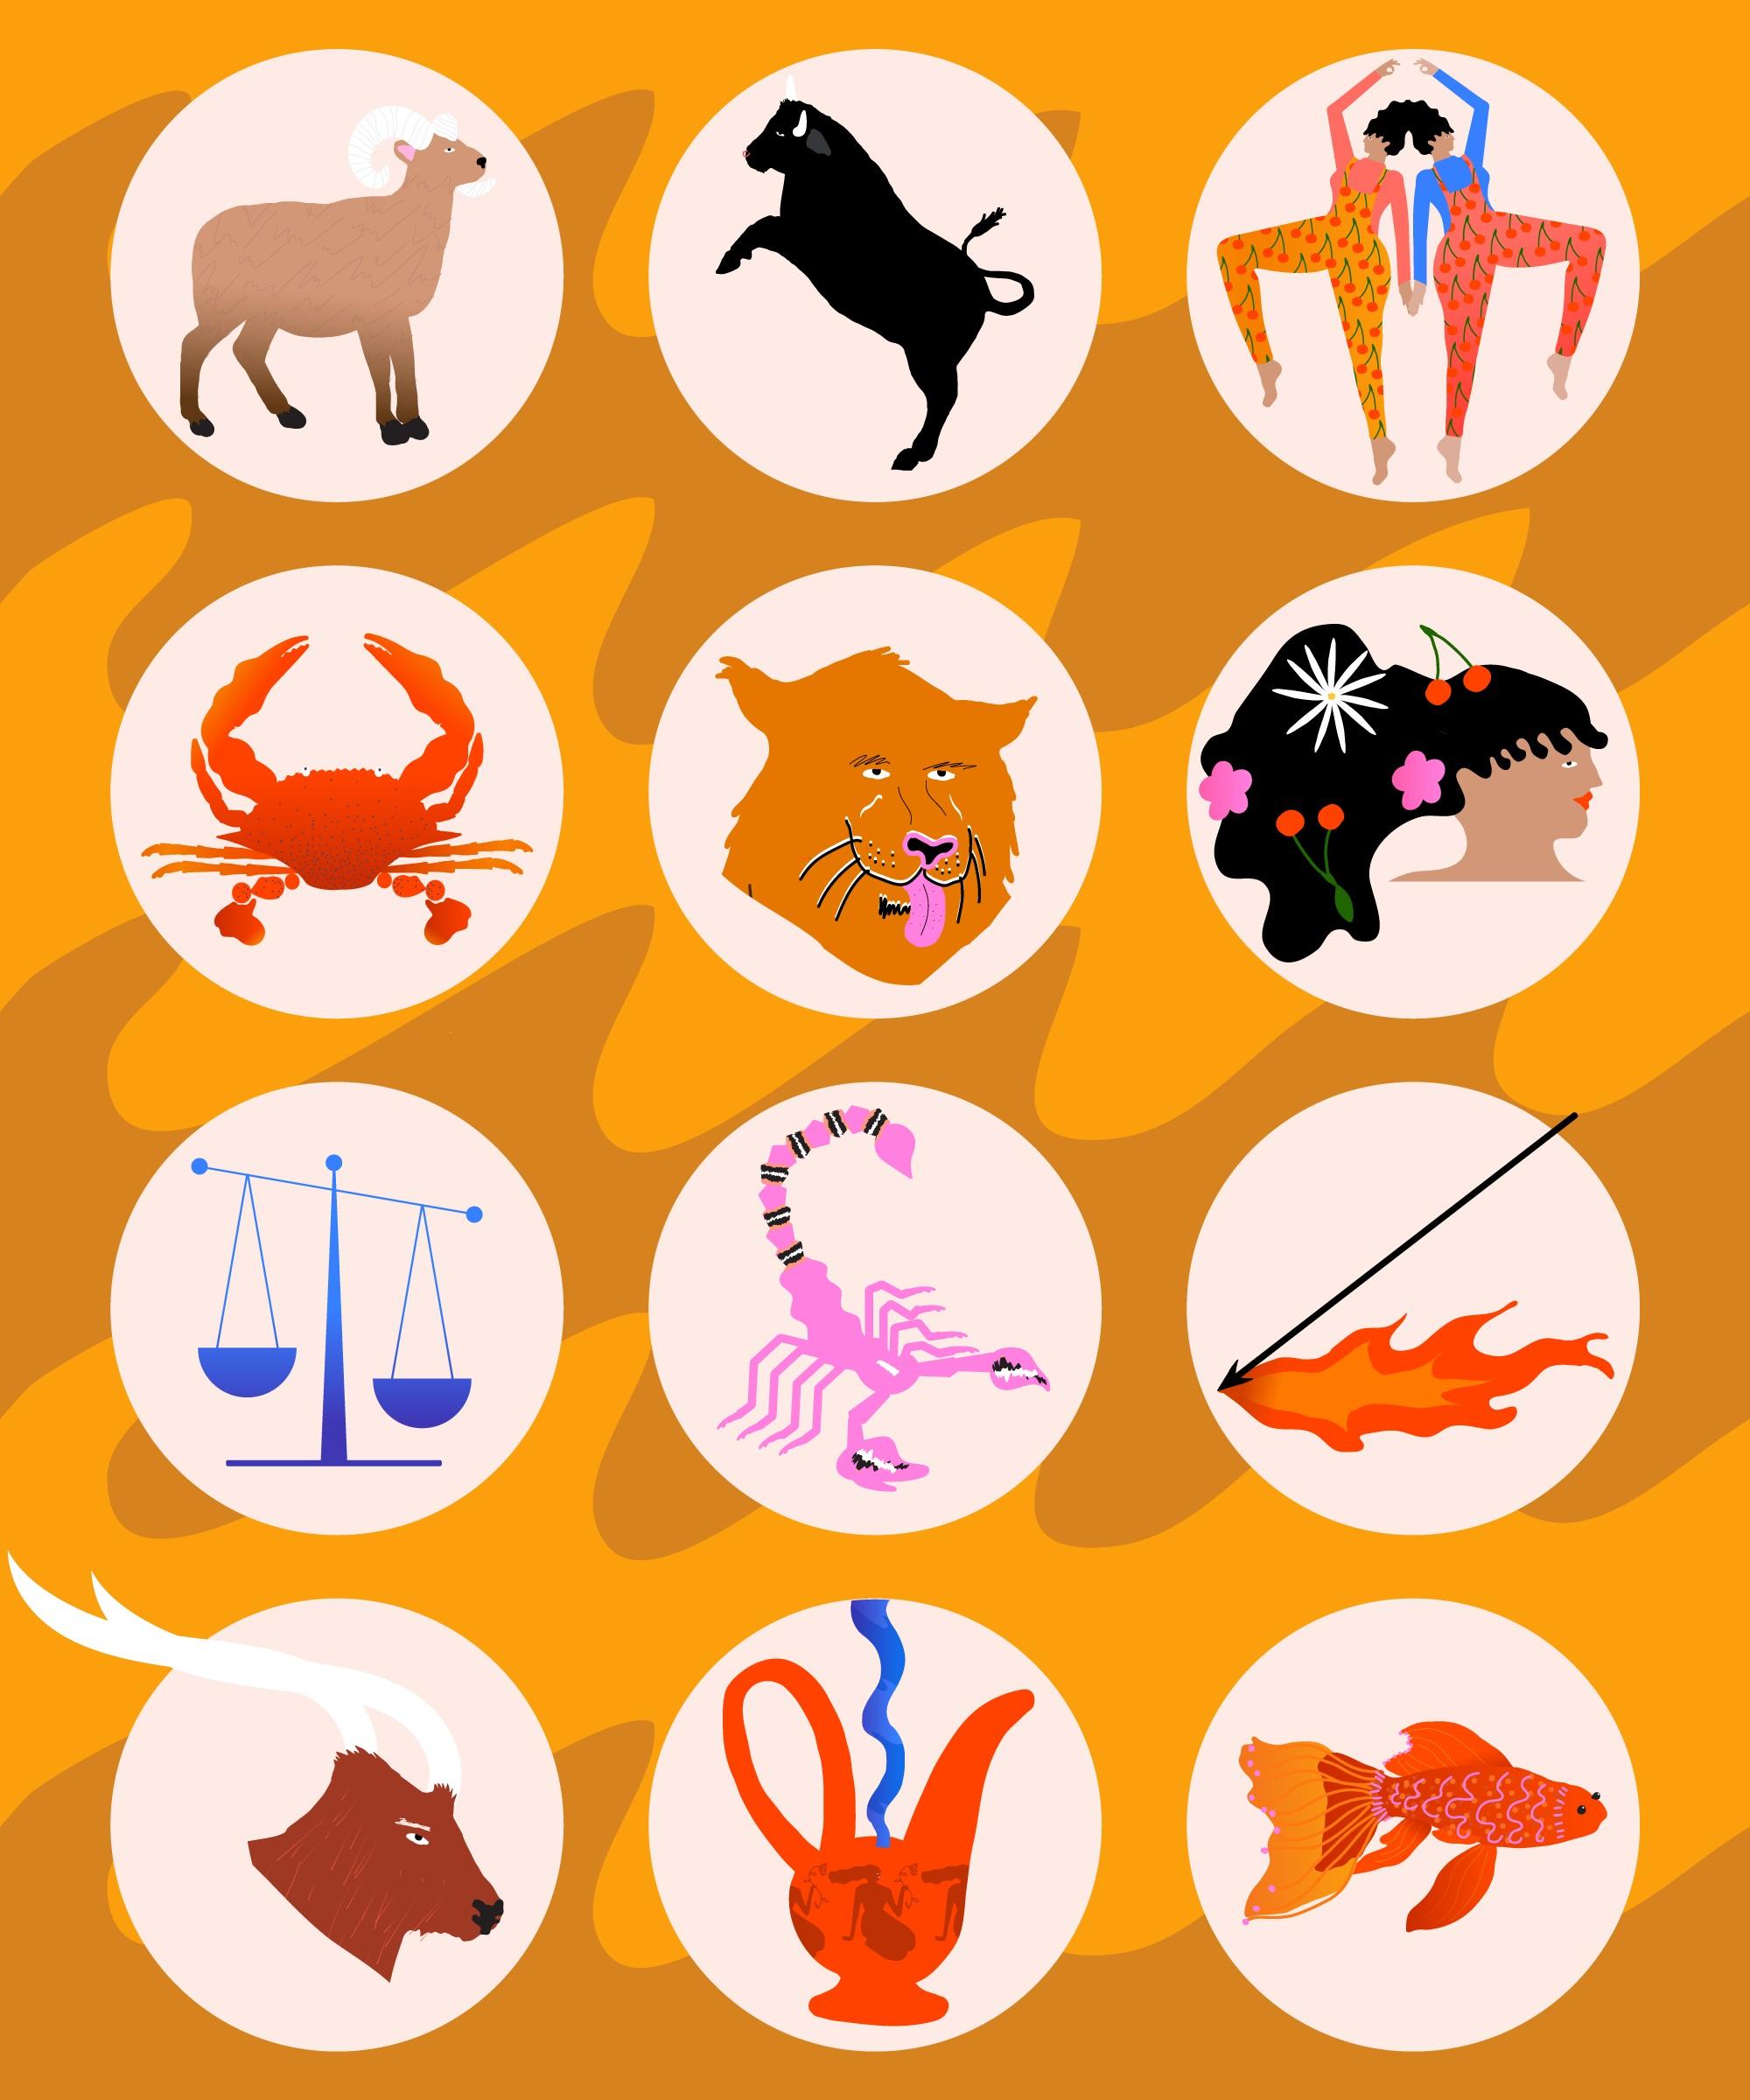 Your July Horoscope Revealed